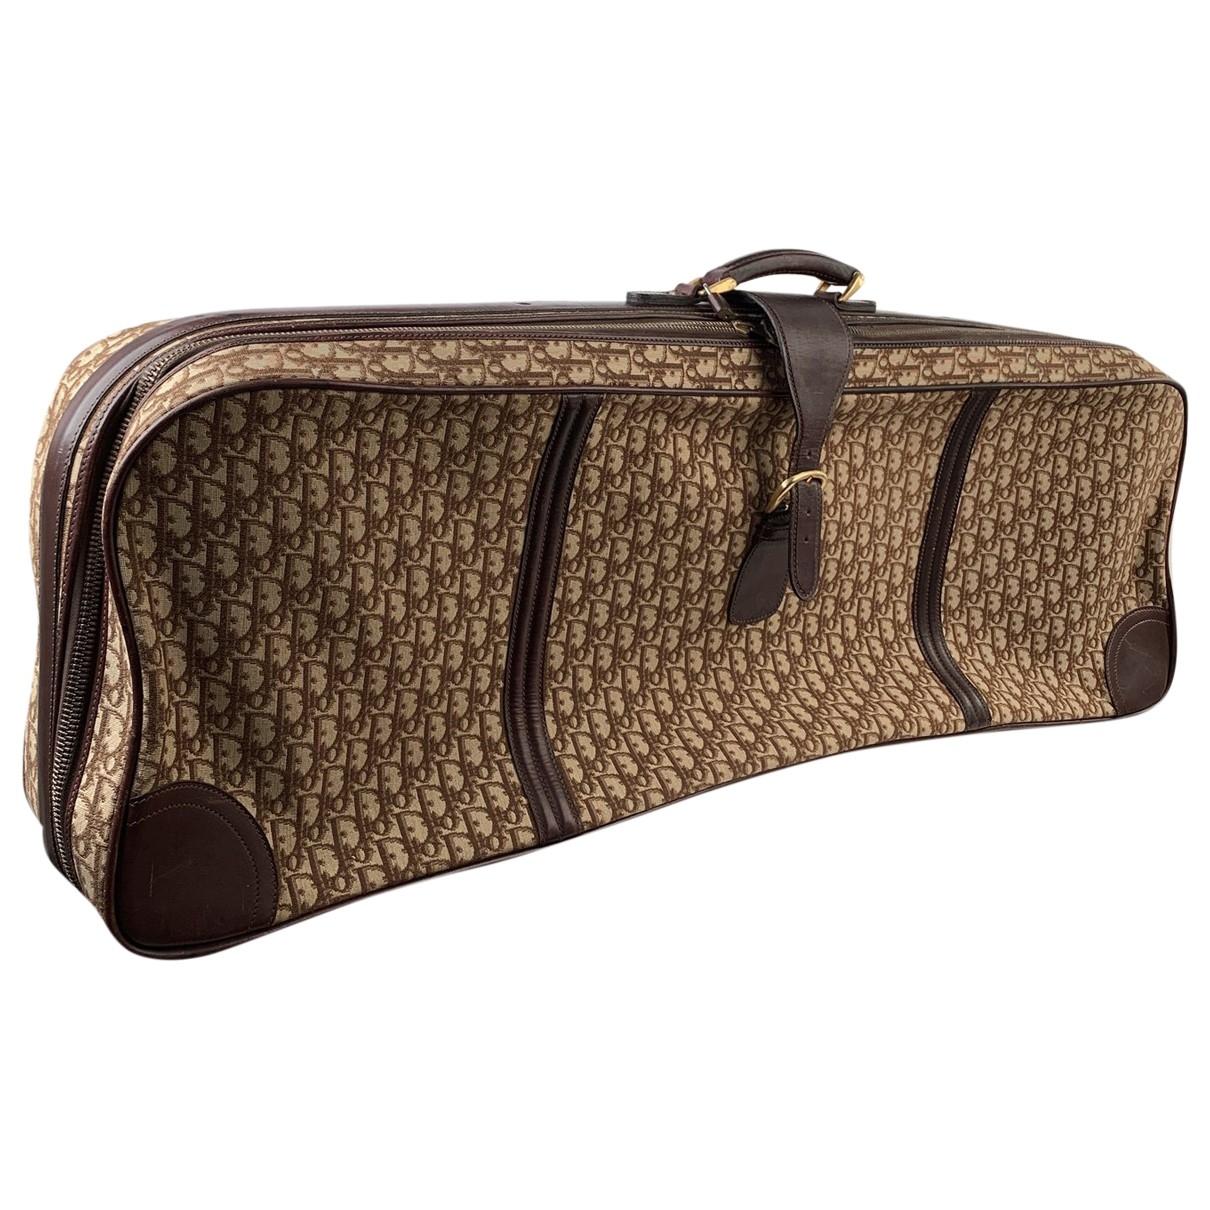 Dior \N Reisetasche in  Braun Leinen